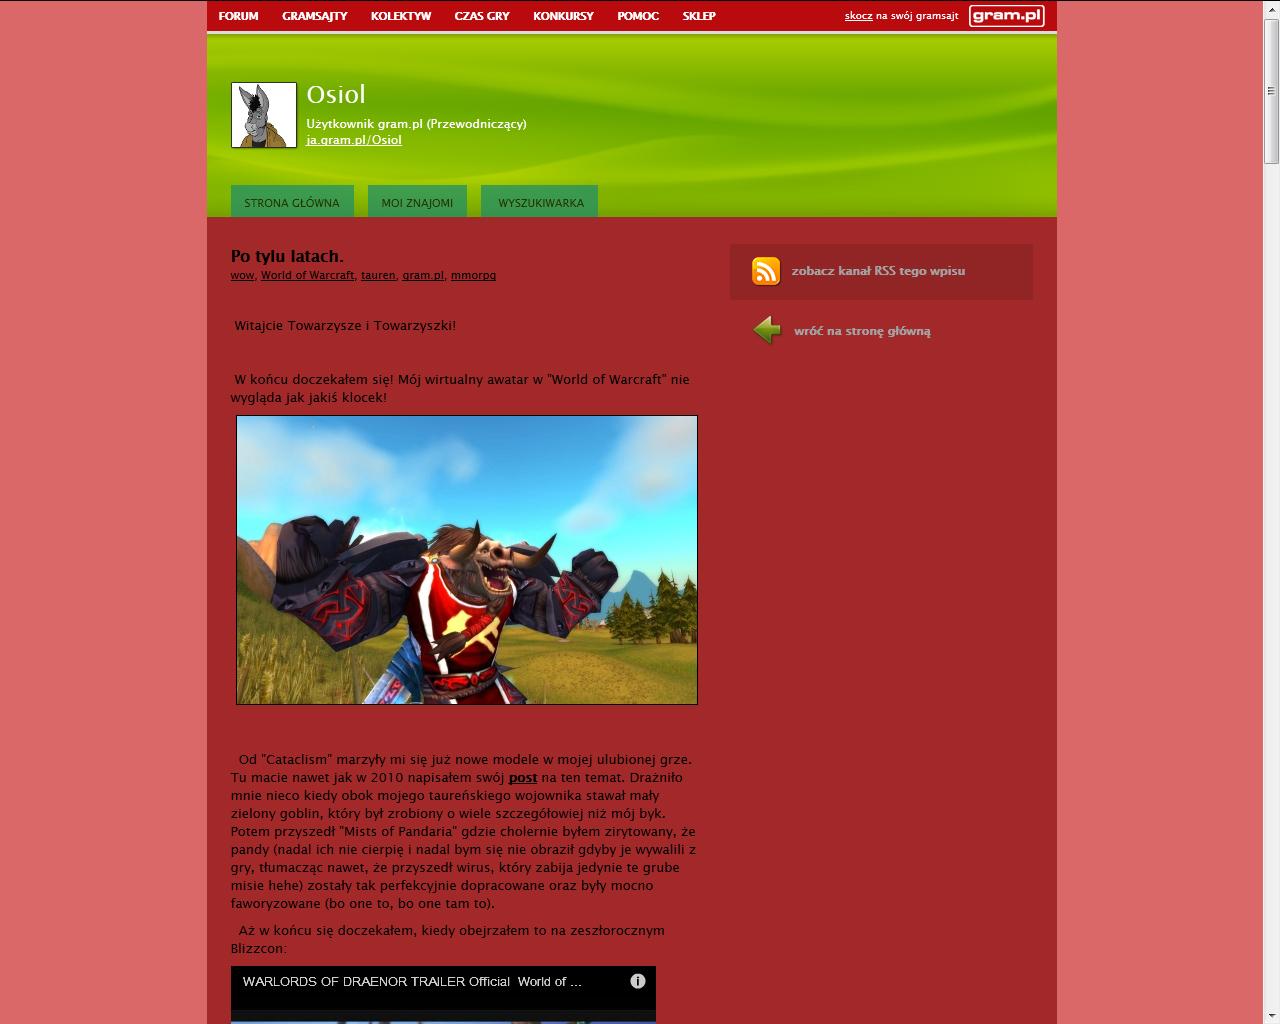 Co w gramsajtach piszczy #113 - O World of Warcraft, Hatred i Katawa Shoujo! - obrazek 2